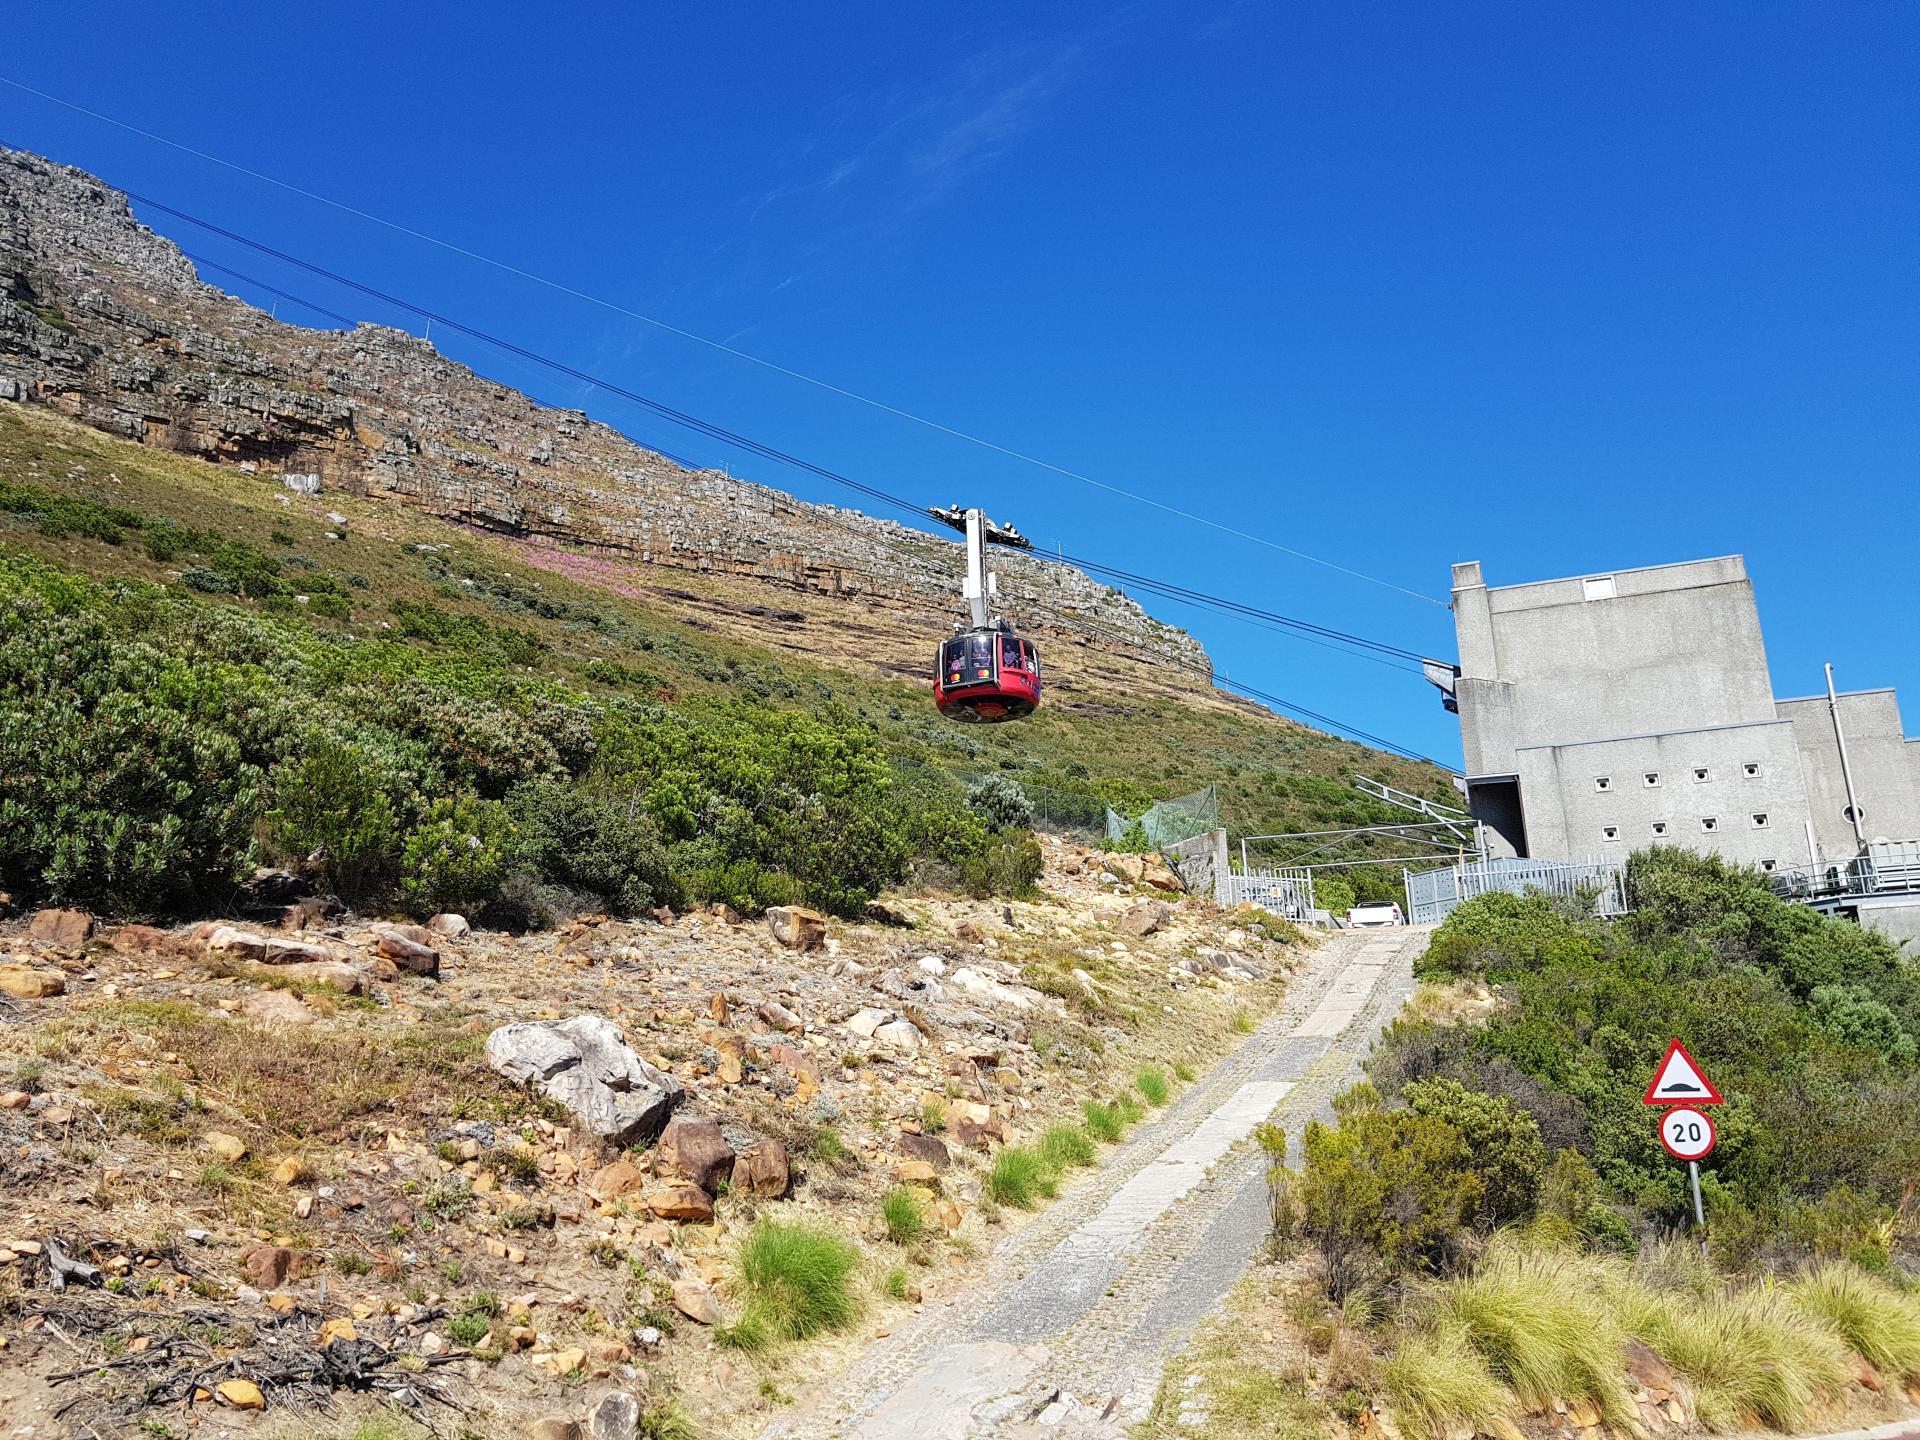 кабинка на канатной дороге у Столовой горы, Кейптаун